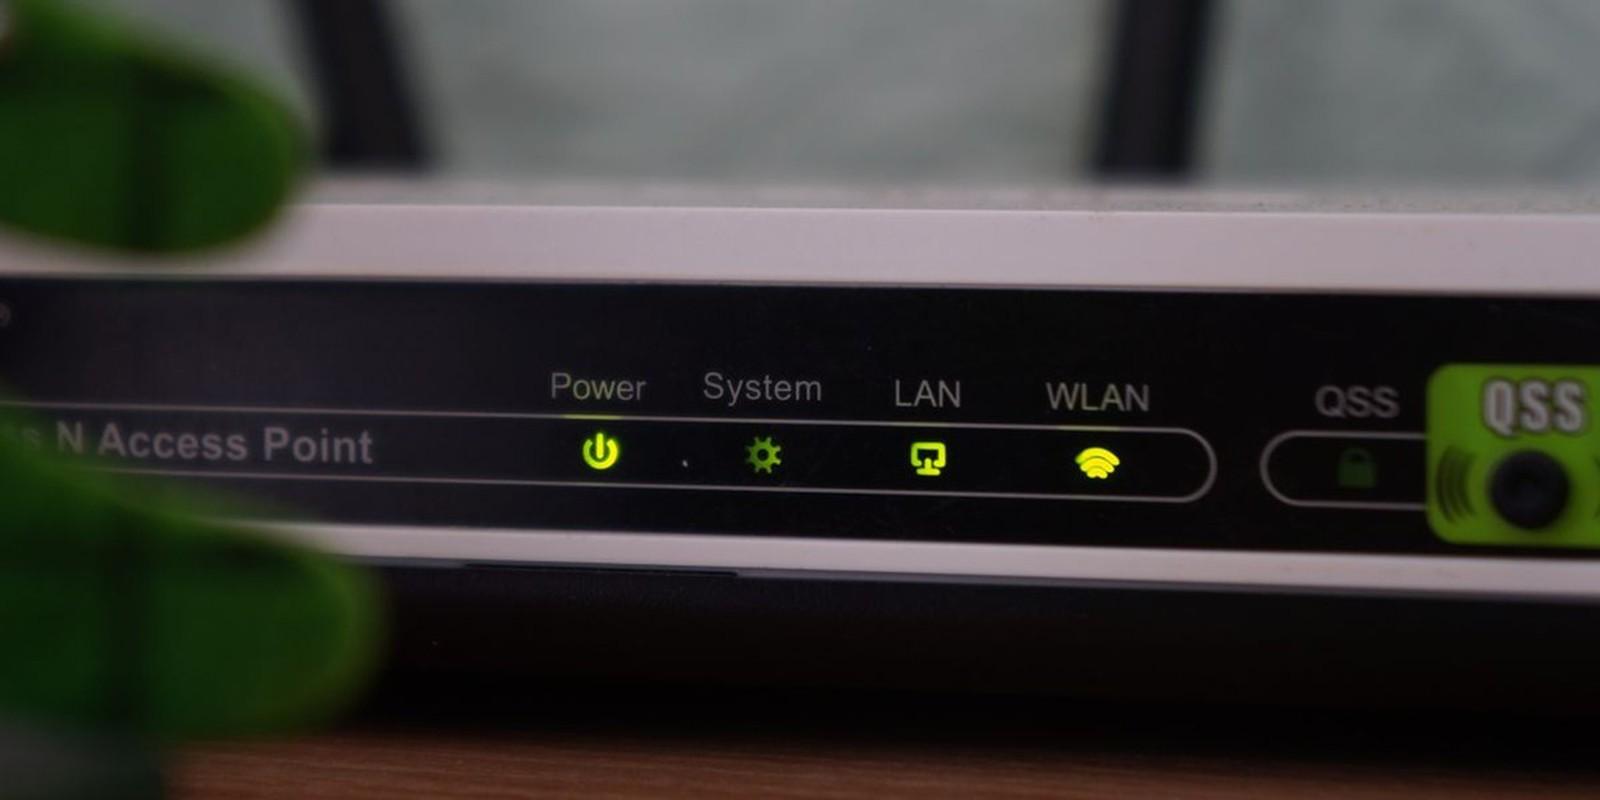 Cach de Wi-Fi nha ban nhanh hon